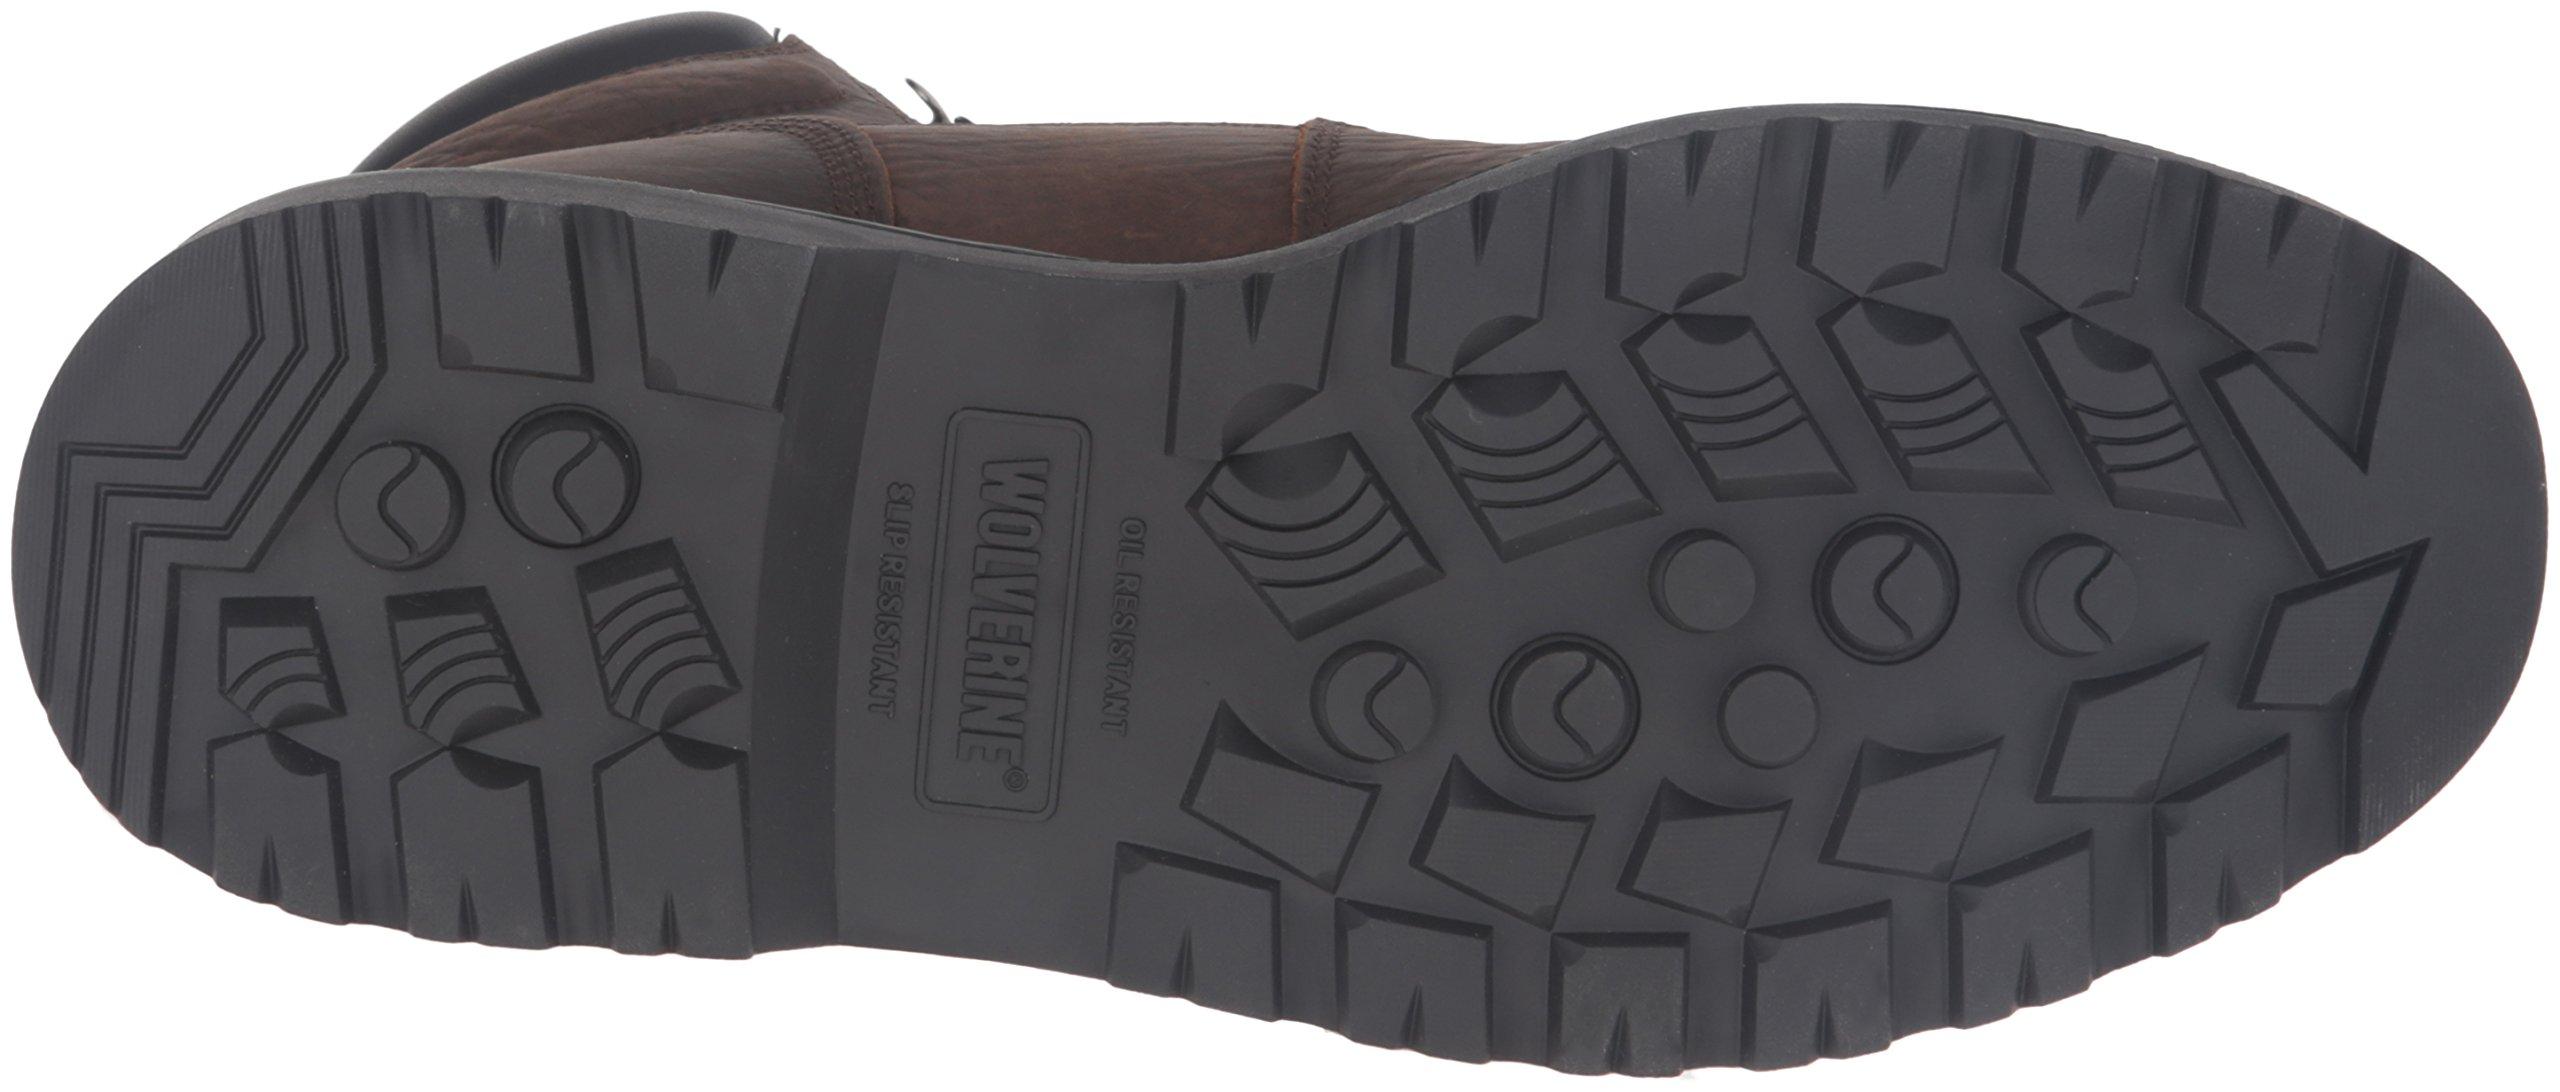 Wolverine Men's Floorhand 6 Inch Waterproof Steel Toe Work Shoe, Dark Brown, 9.5 M US by Wolverine (Image #3)